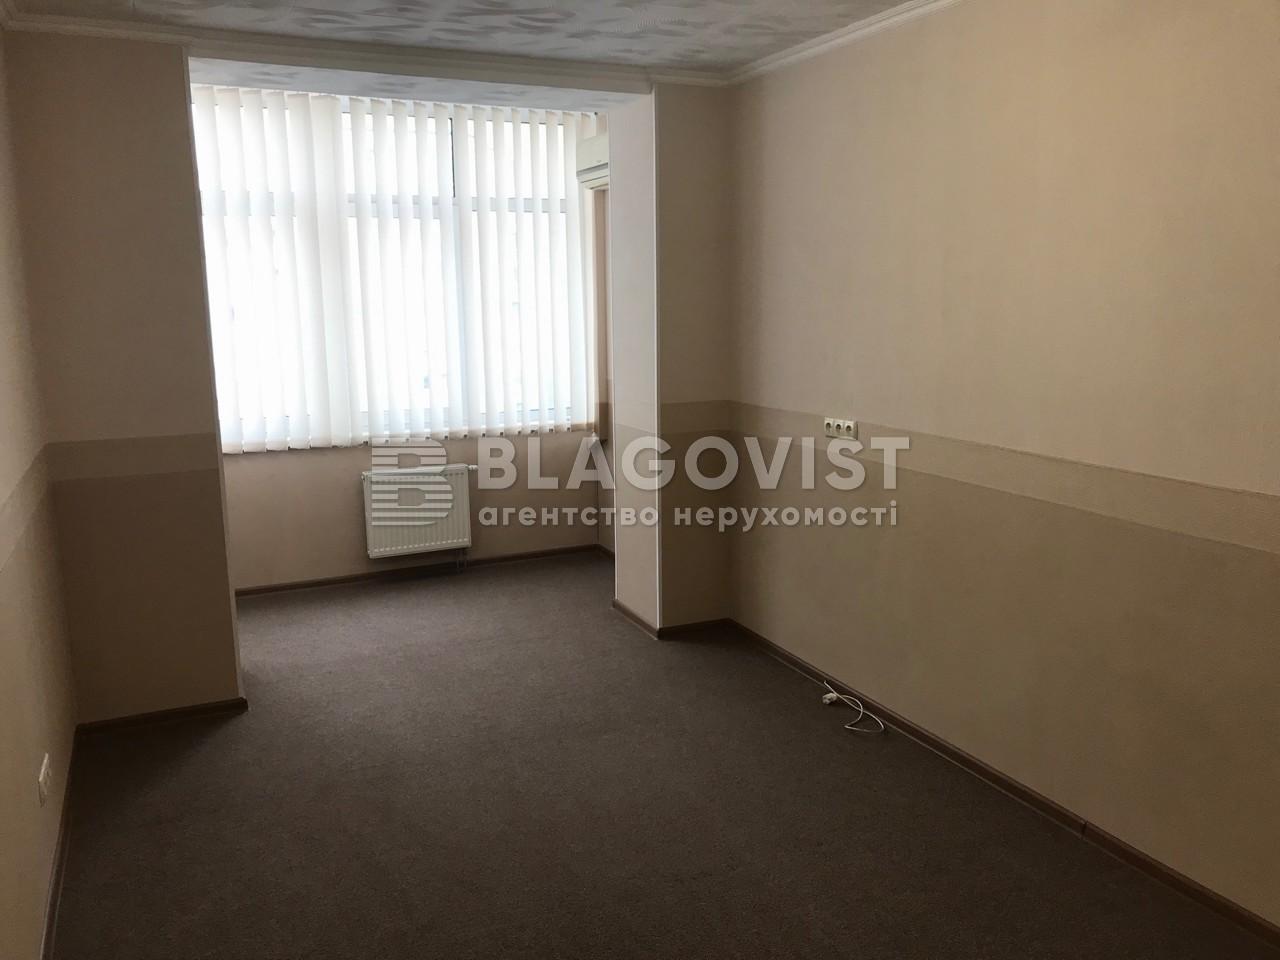 Квартира P-27651, Ломоносова, 54, Киев - Фото 10